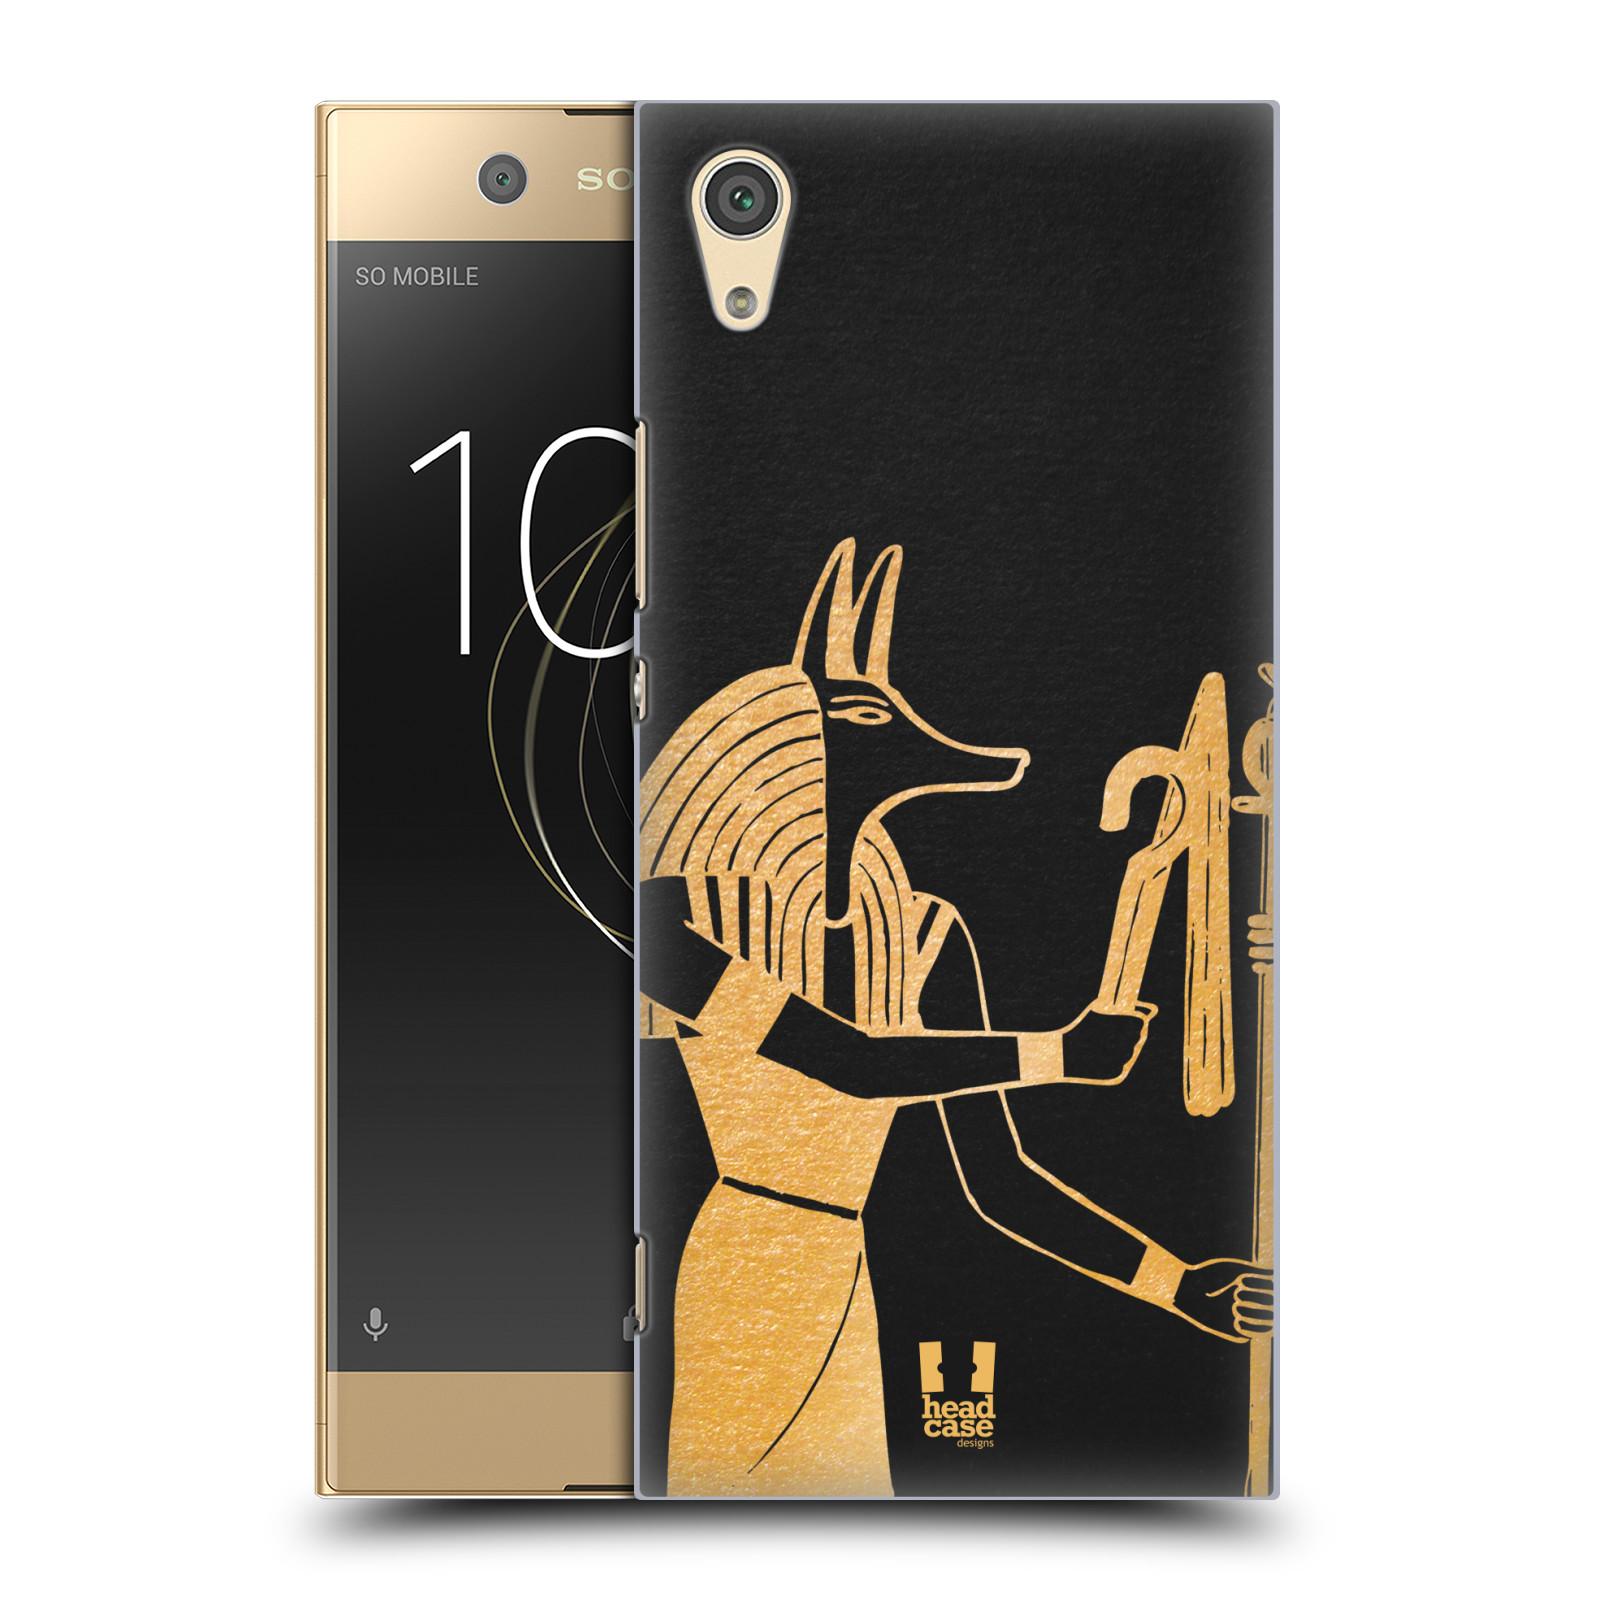 Plastové pouzdro na mobil Sony Xperia XA1 - Head Case - EGYPT ANUBIS (Plastový kryt či obal na mobilní telefon Sony Xperia XA1 G3121 s motivem EGYPT ANUBIS)